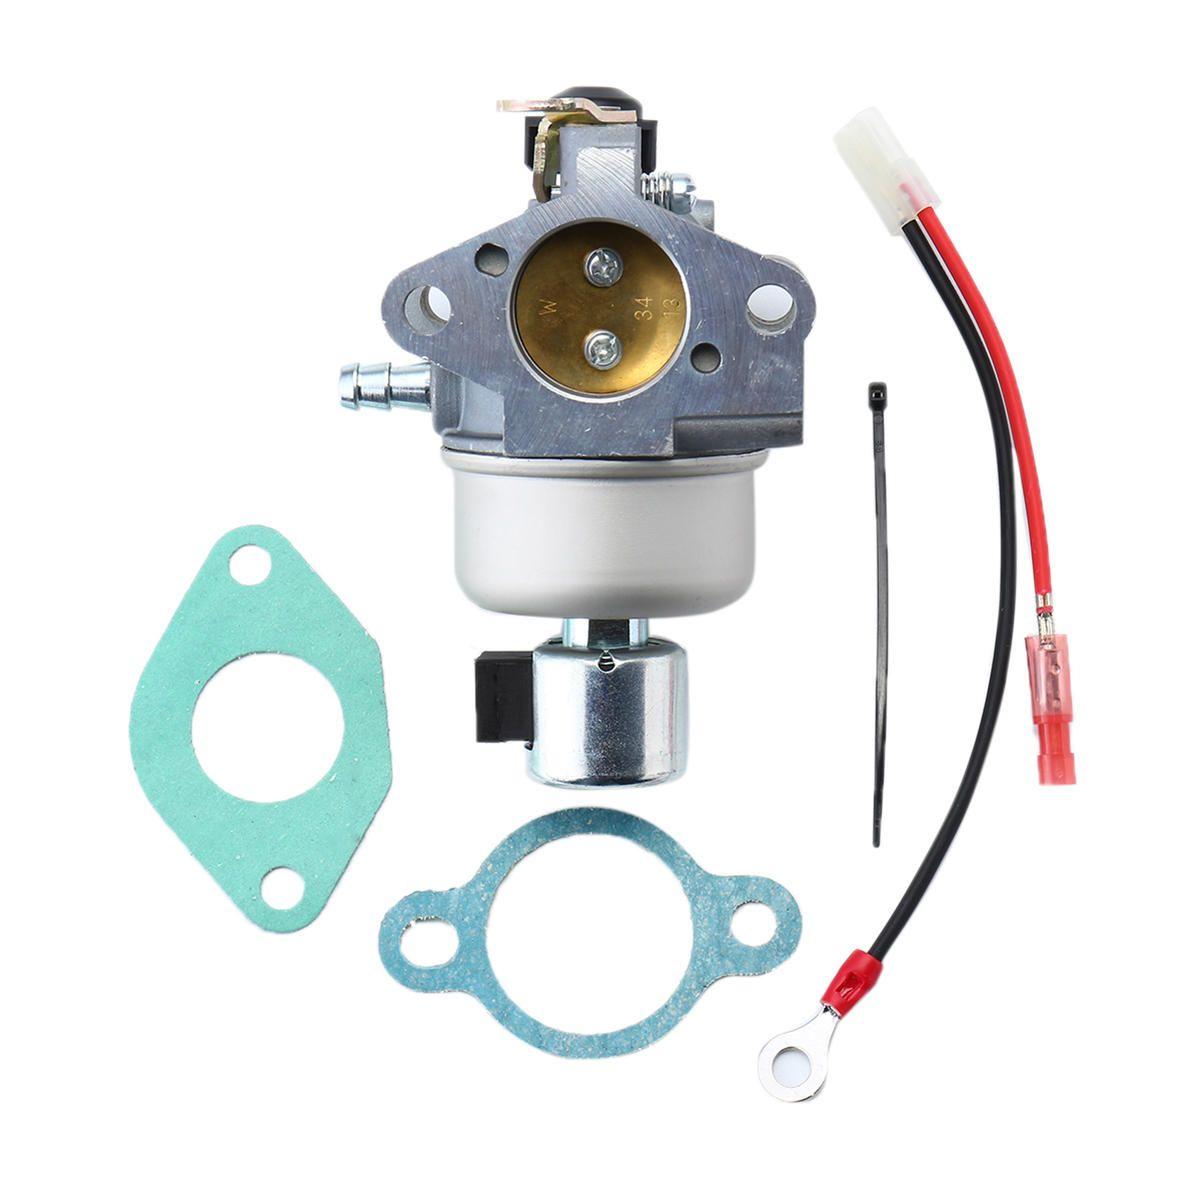 us 26 99 carburetor fuel filter carb for john deere lt160 tractor kohler cv460s engine [ 1200 x 1200 Pixel ]